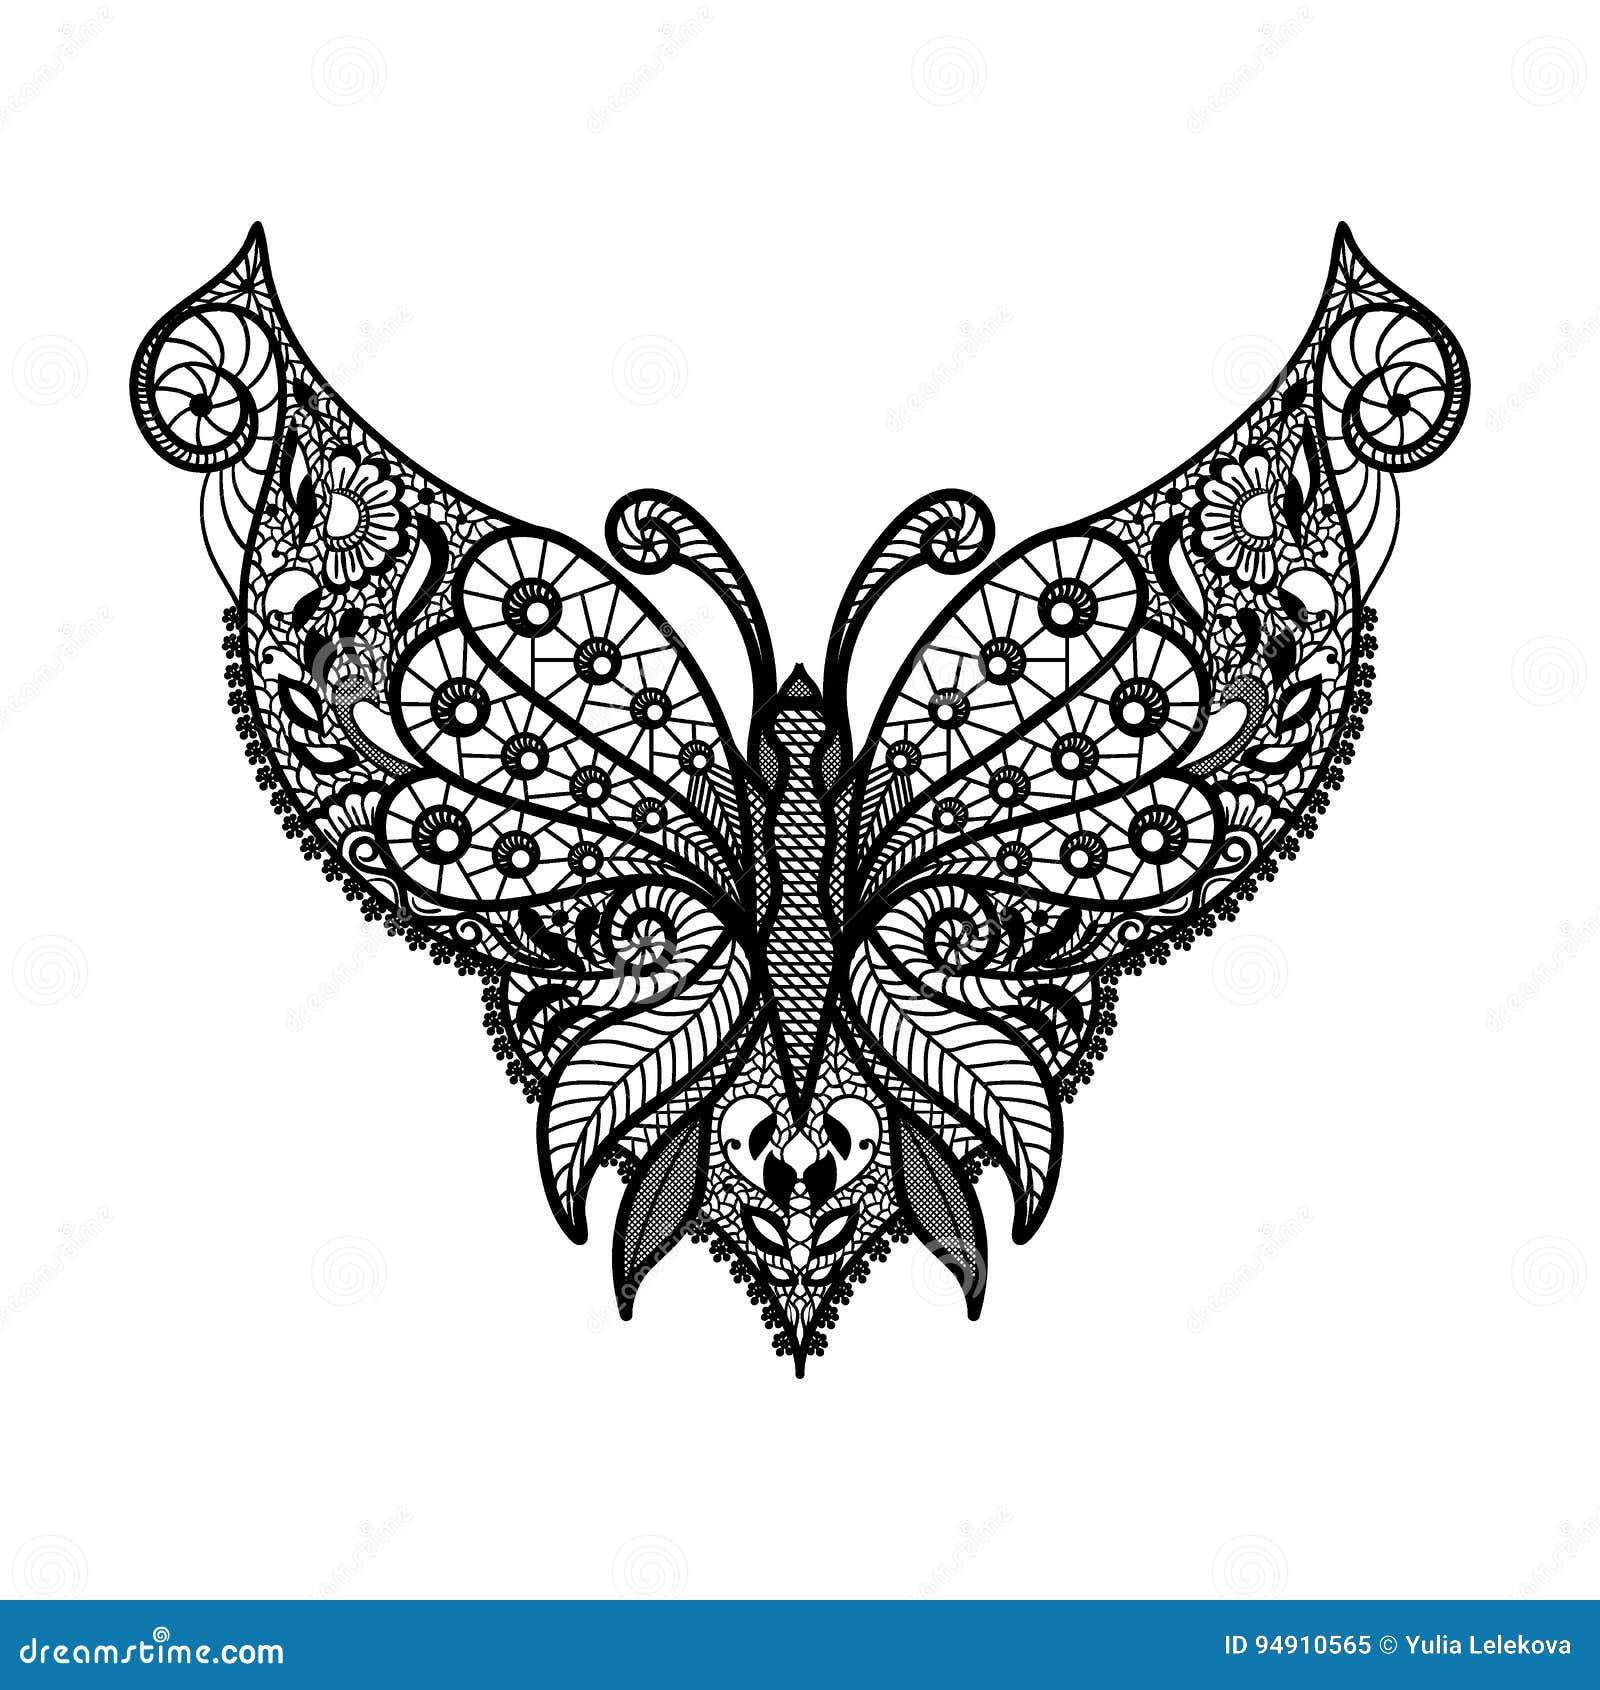 Vektorspitzeausschnitt Halsdruck mit Schmetterlingsform und Blumenverzierung